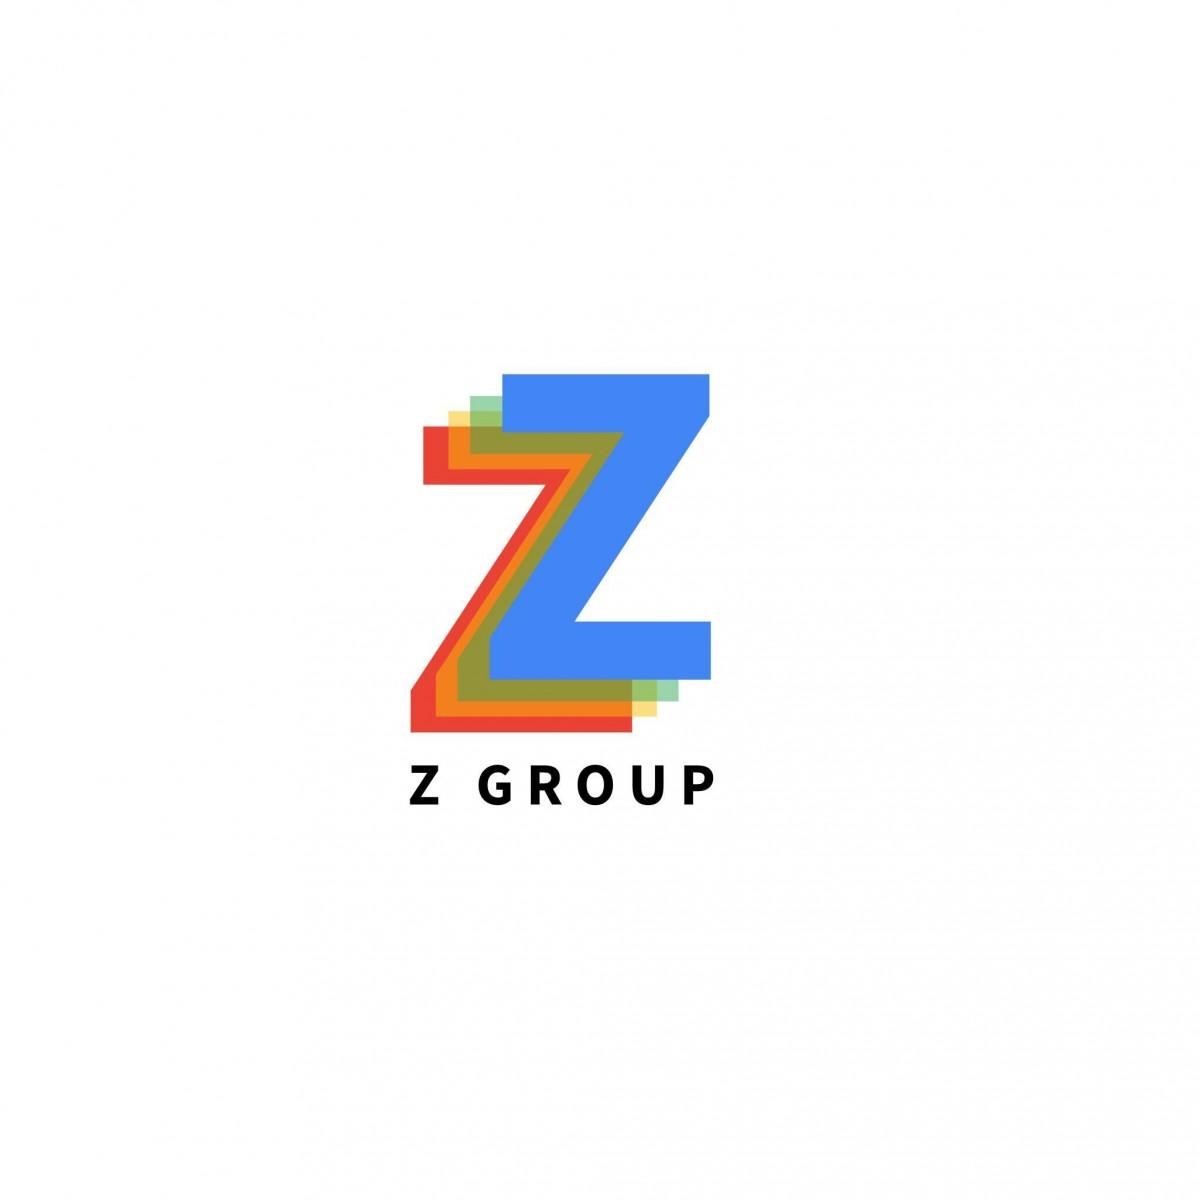 ZGROUP-TUYỂN DỤNG CHUYÊN VIÊN ART 2D (DIGITAL ARTIST 2D)